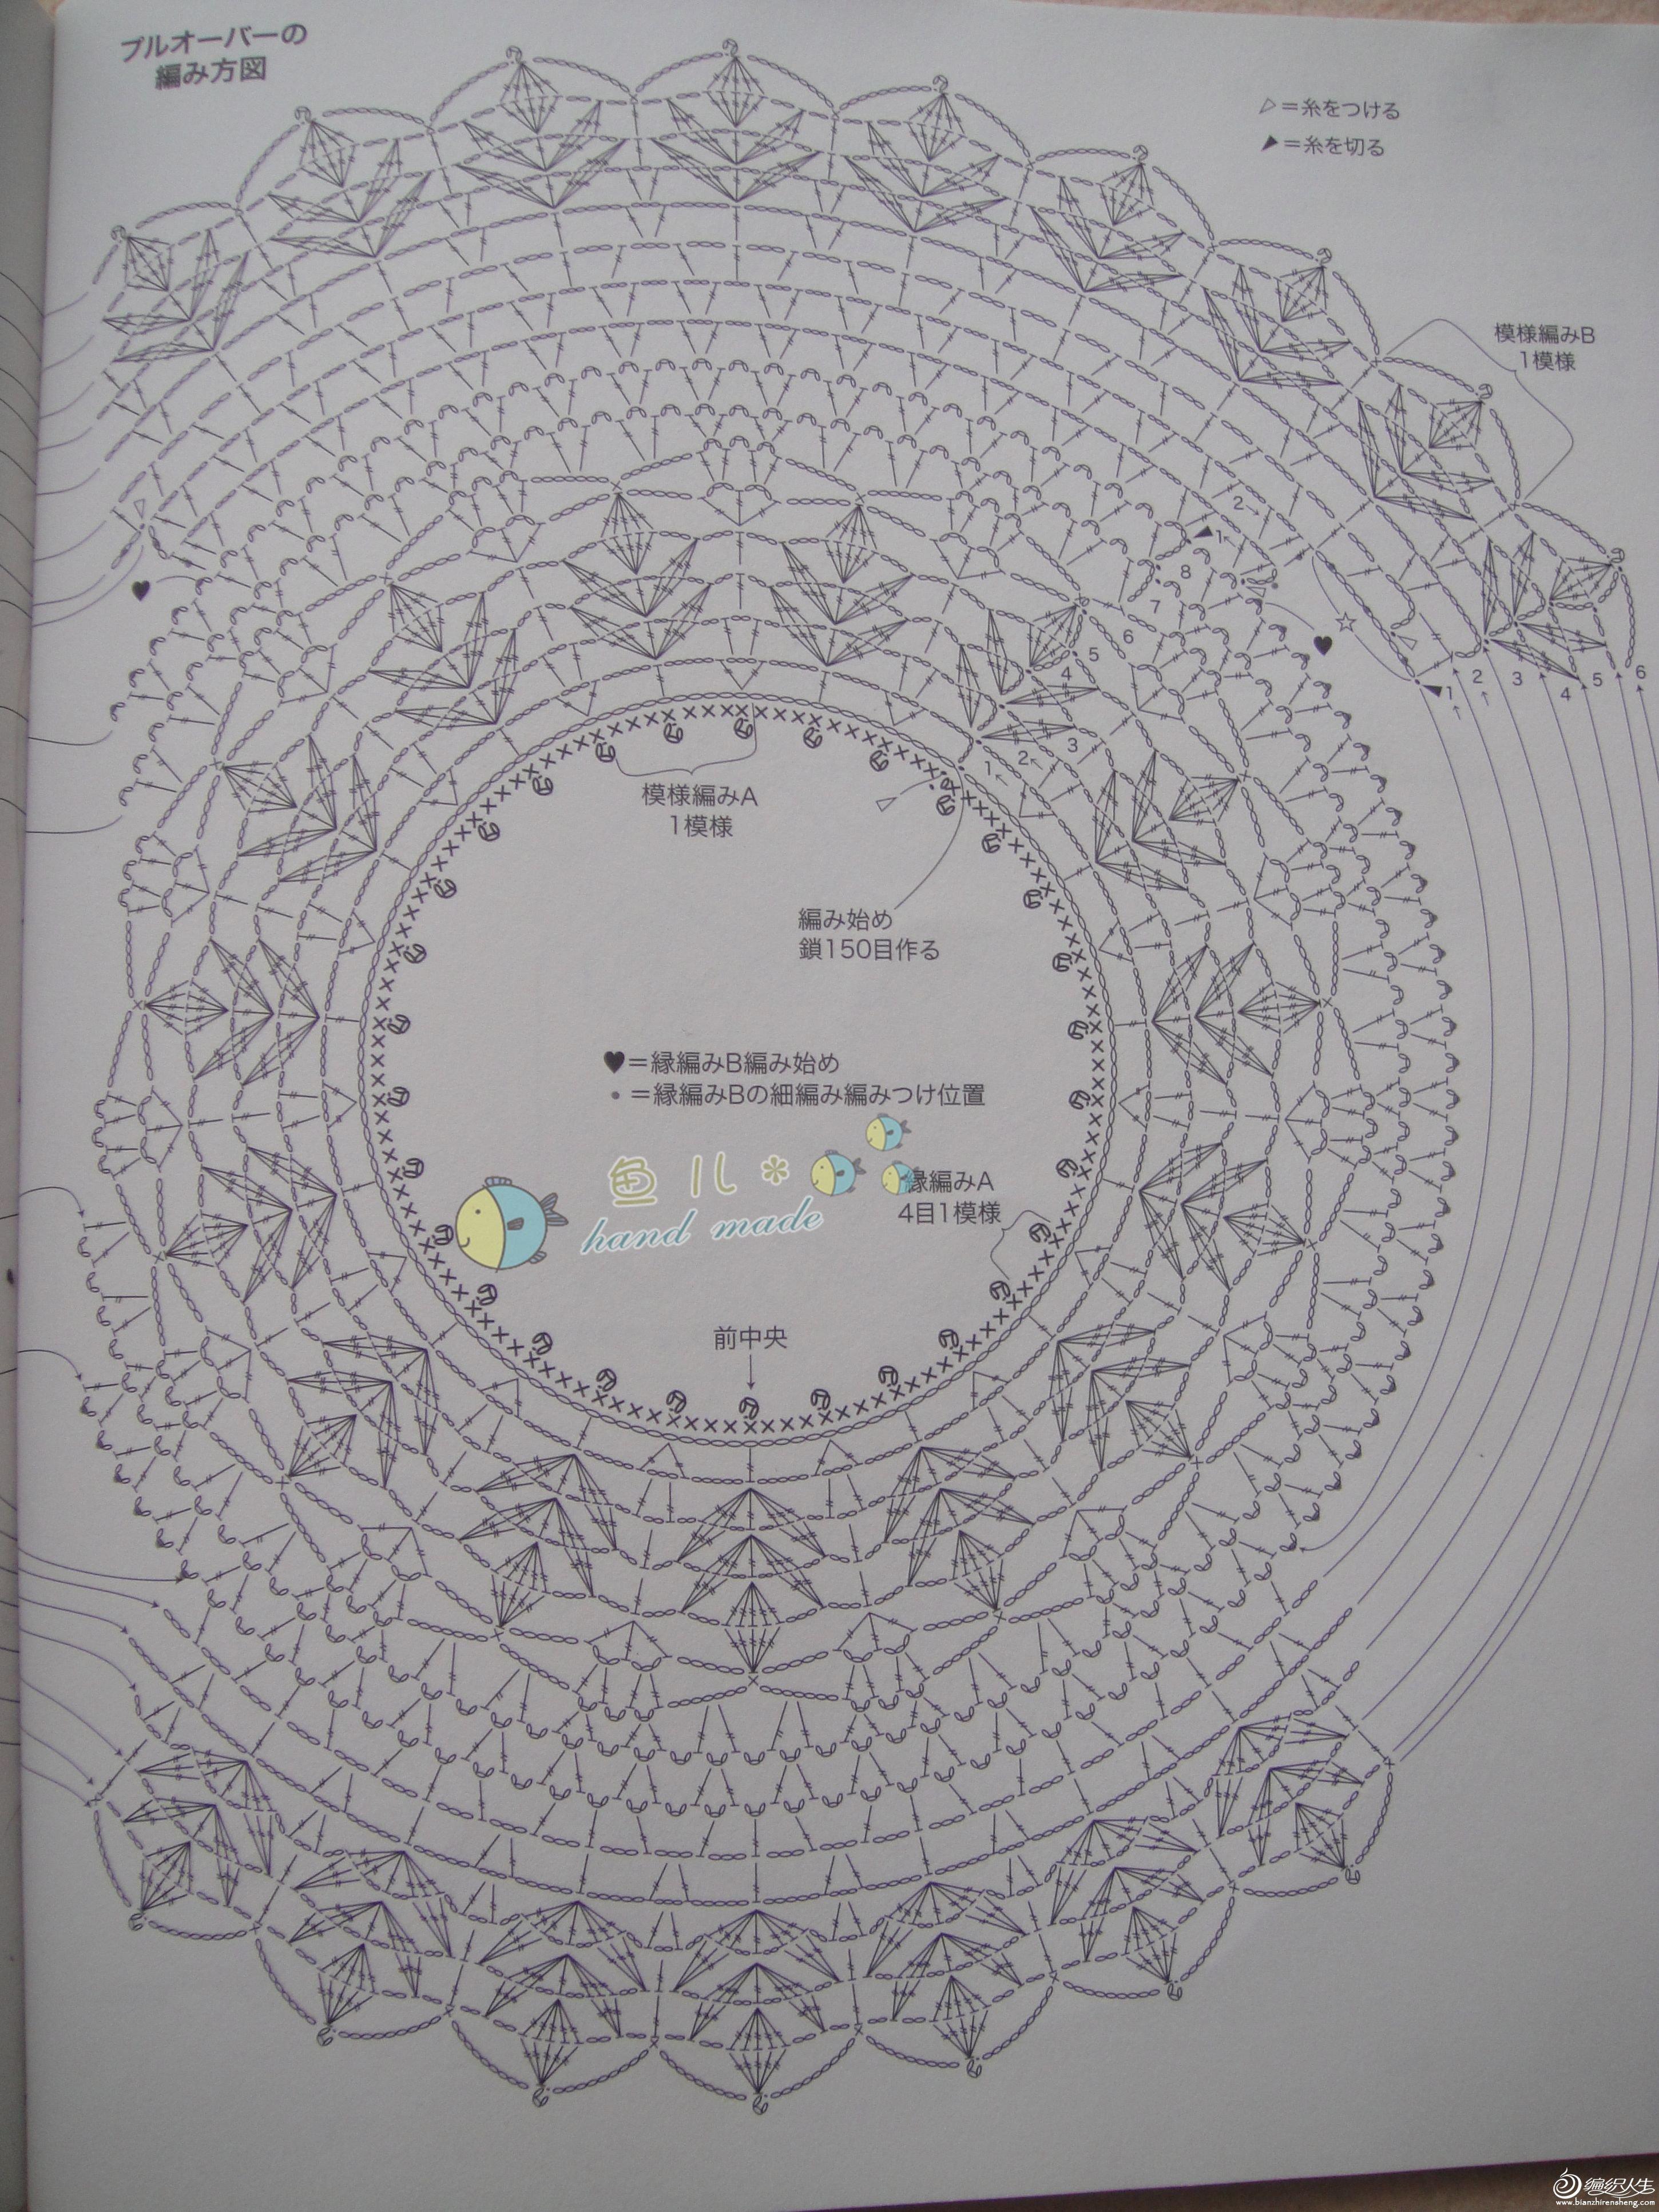 雏菊图解3-1.jpg